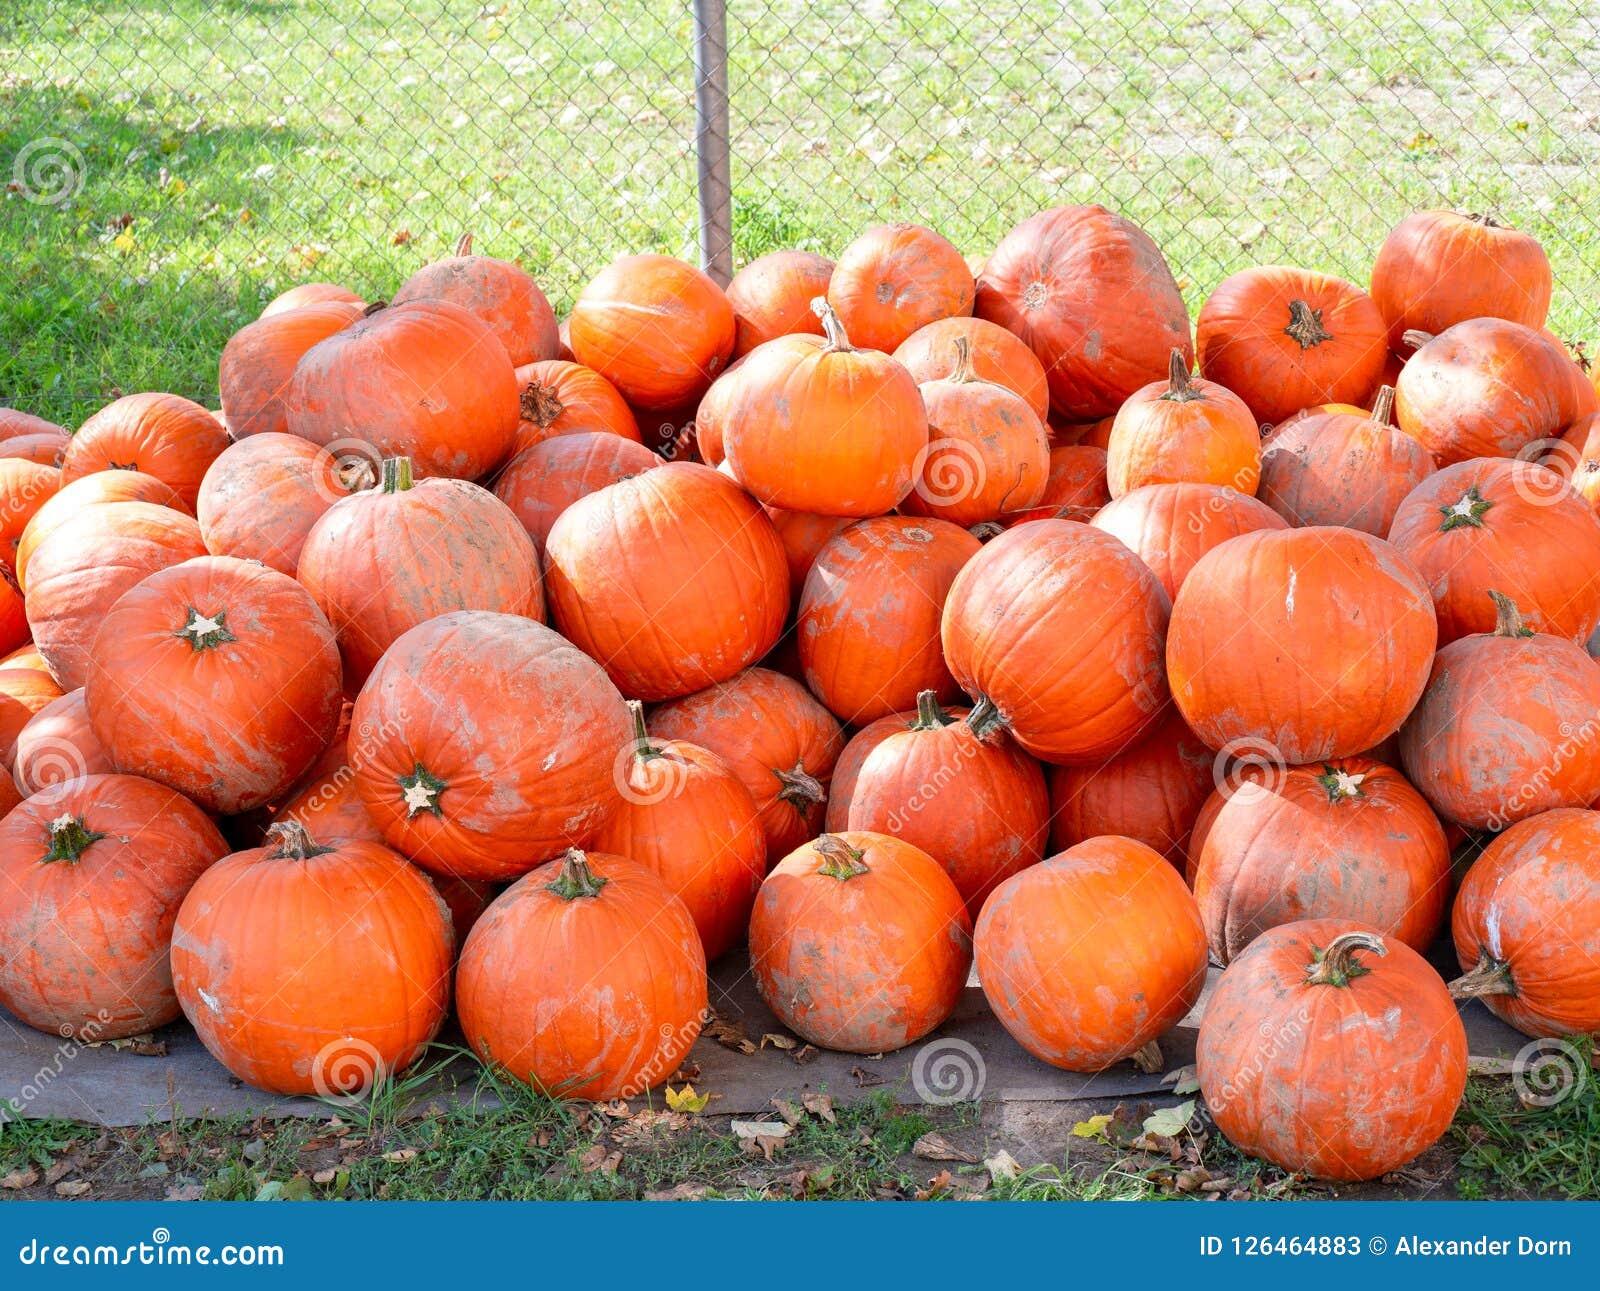 Изображение кучи пакостных оранжевых тыкв